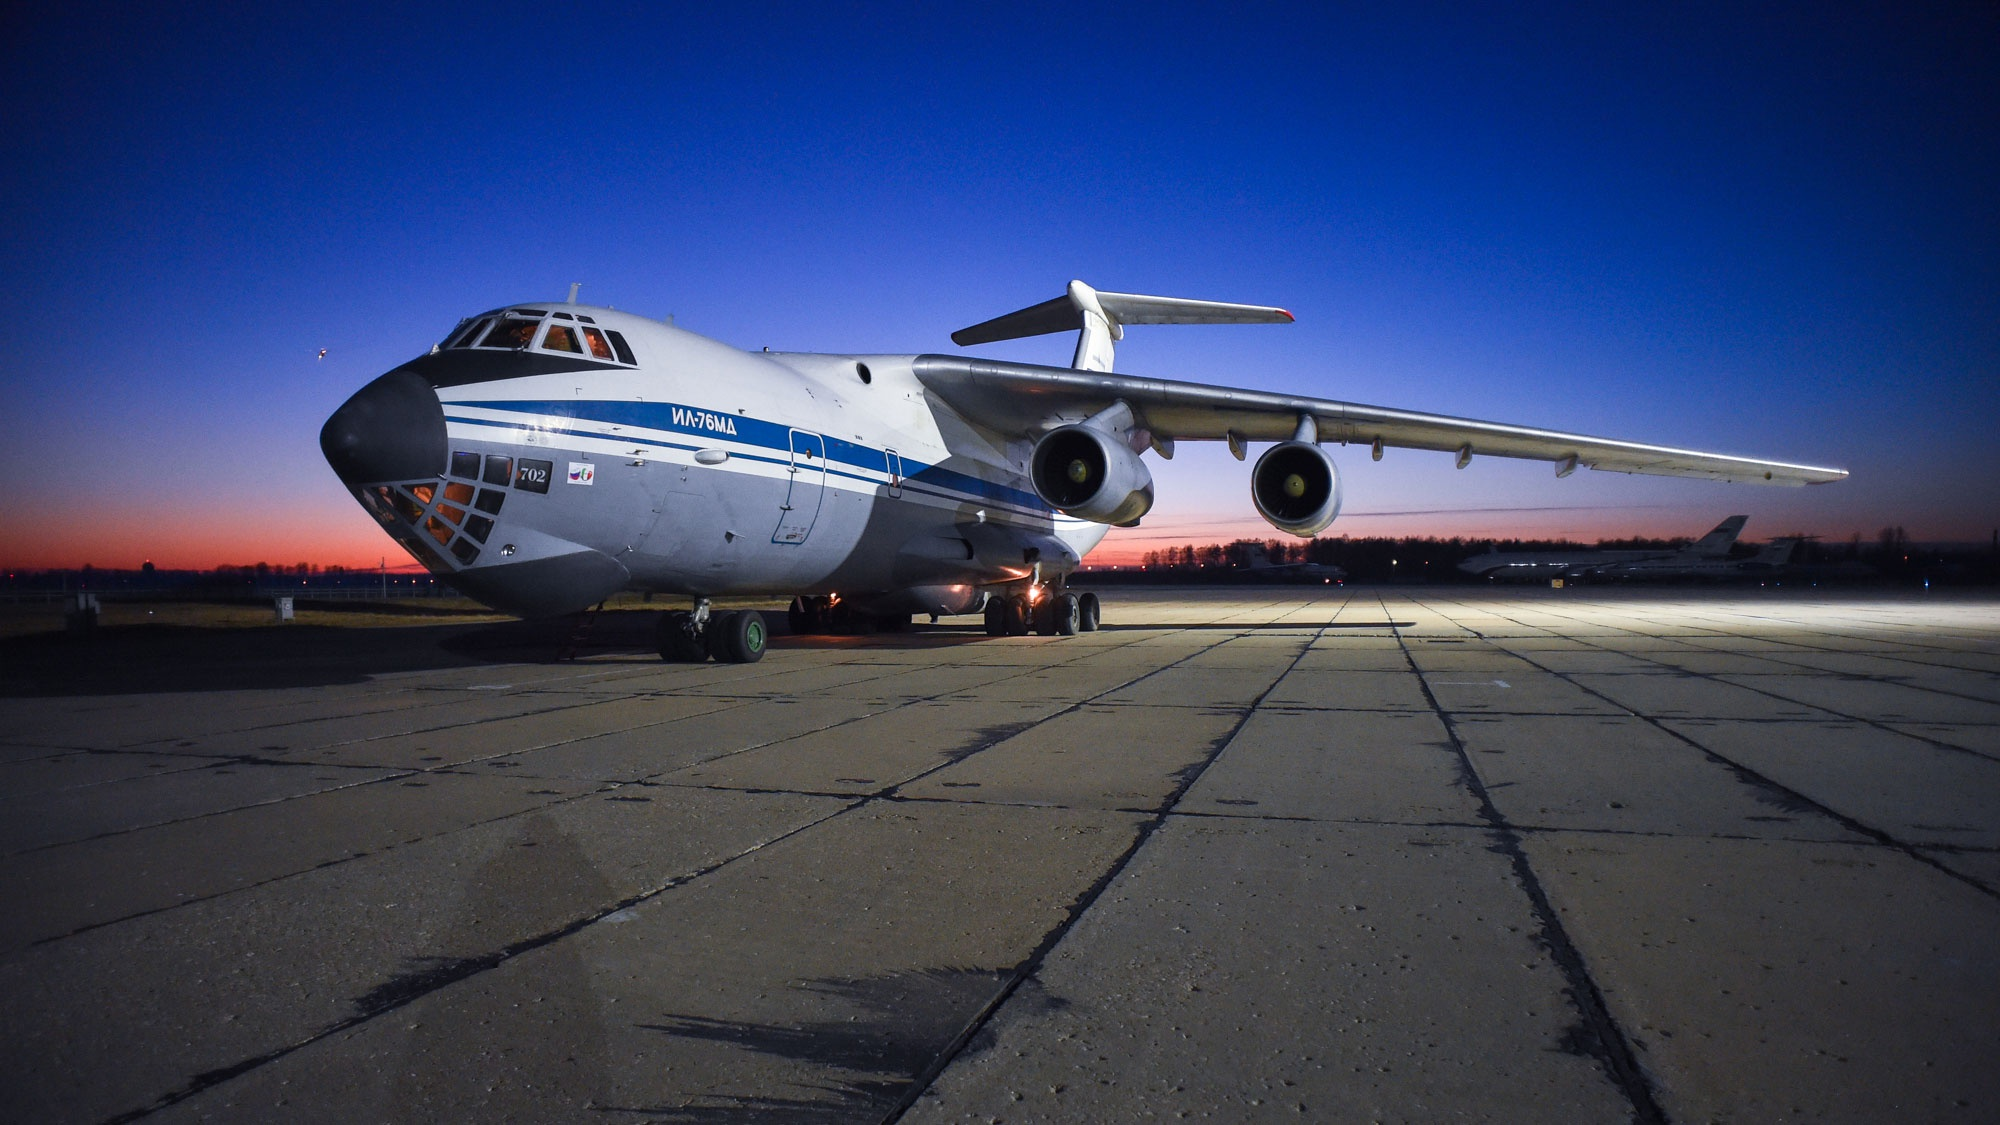 Шестой Ил-76 с российскими военными специалистами вылетел из Италии